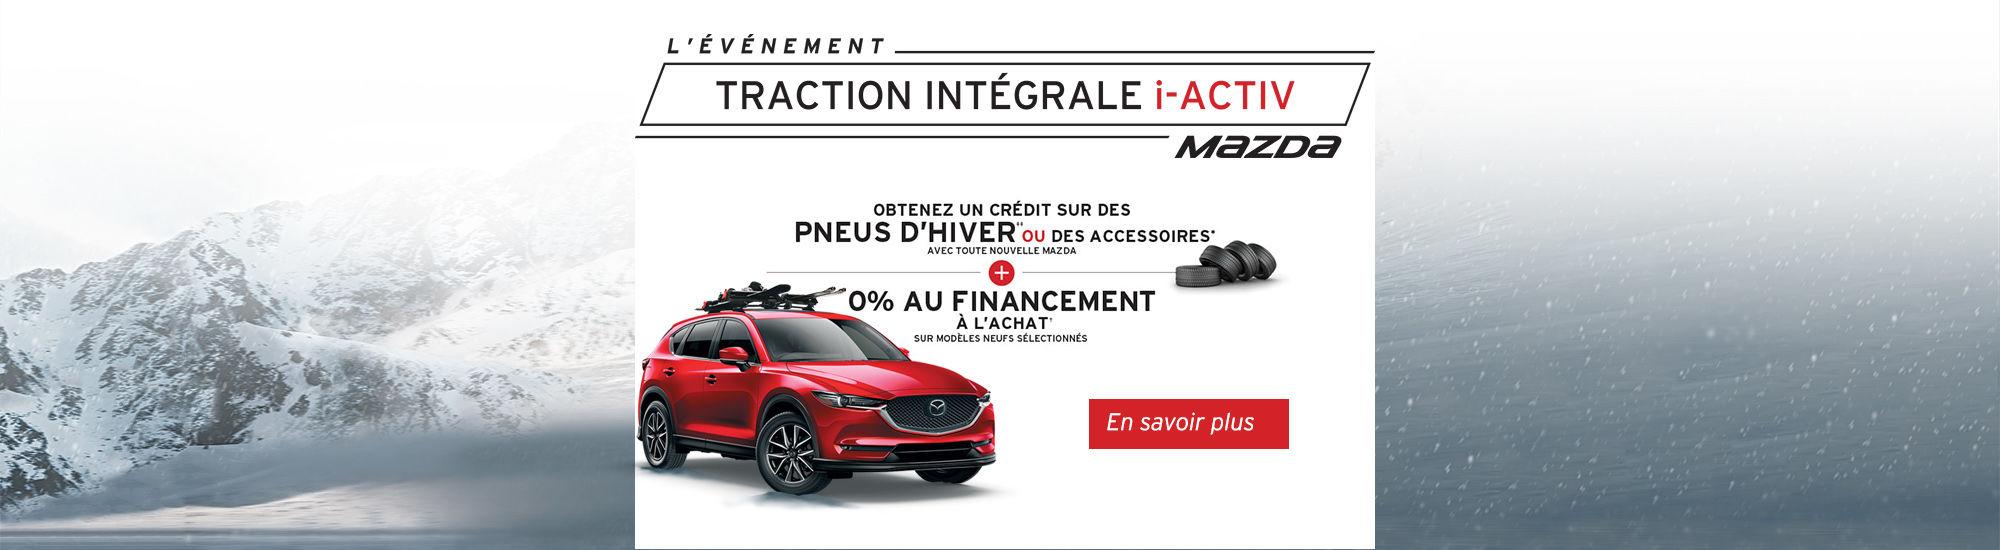 L'événement tractio intégrale i-activ Mazda